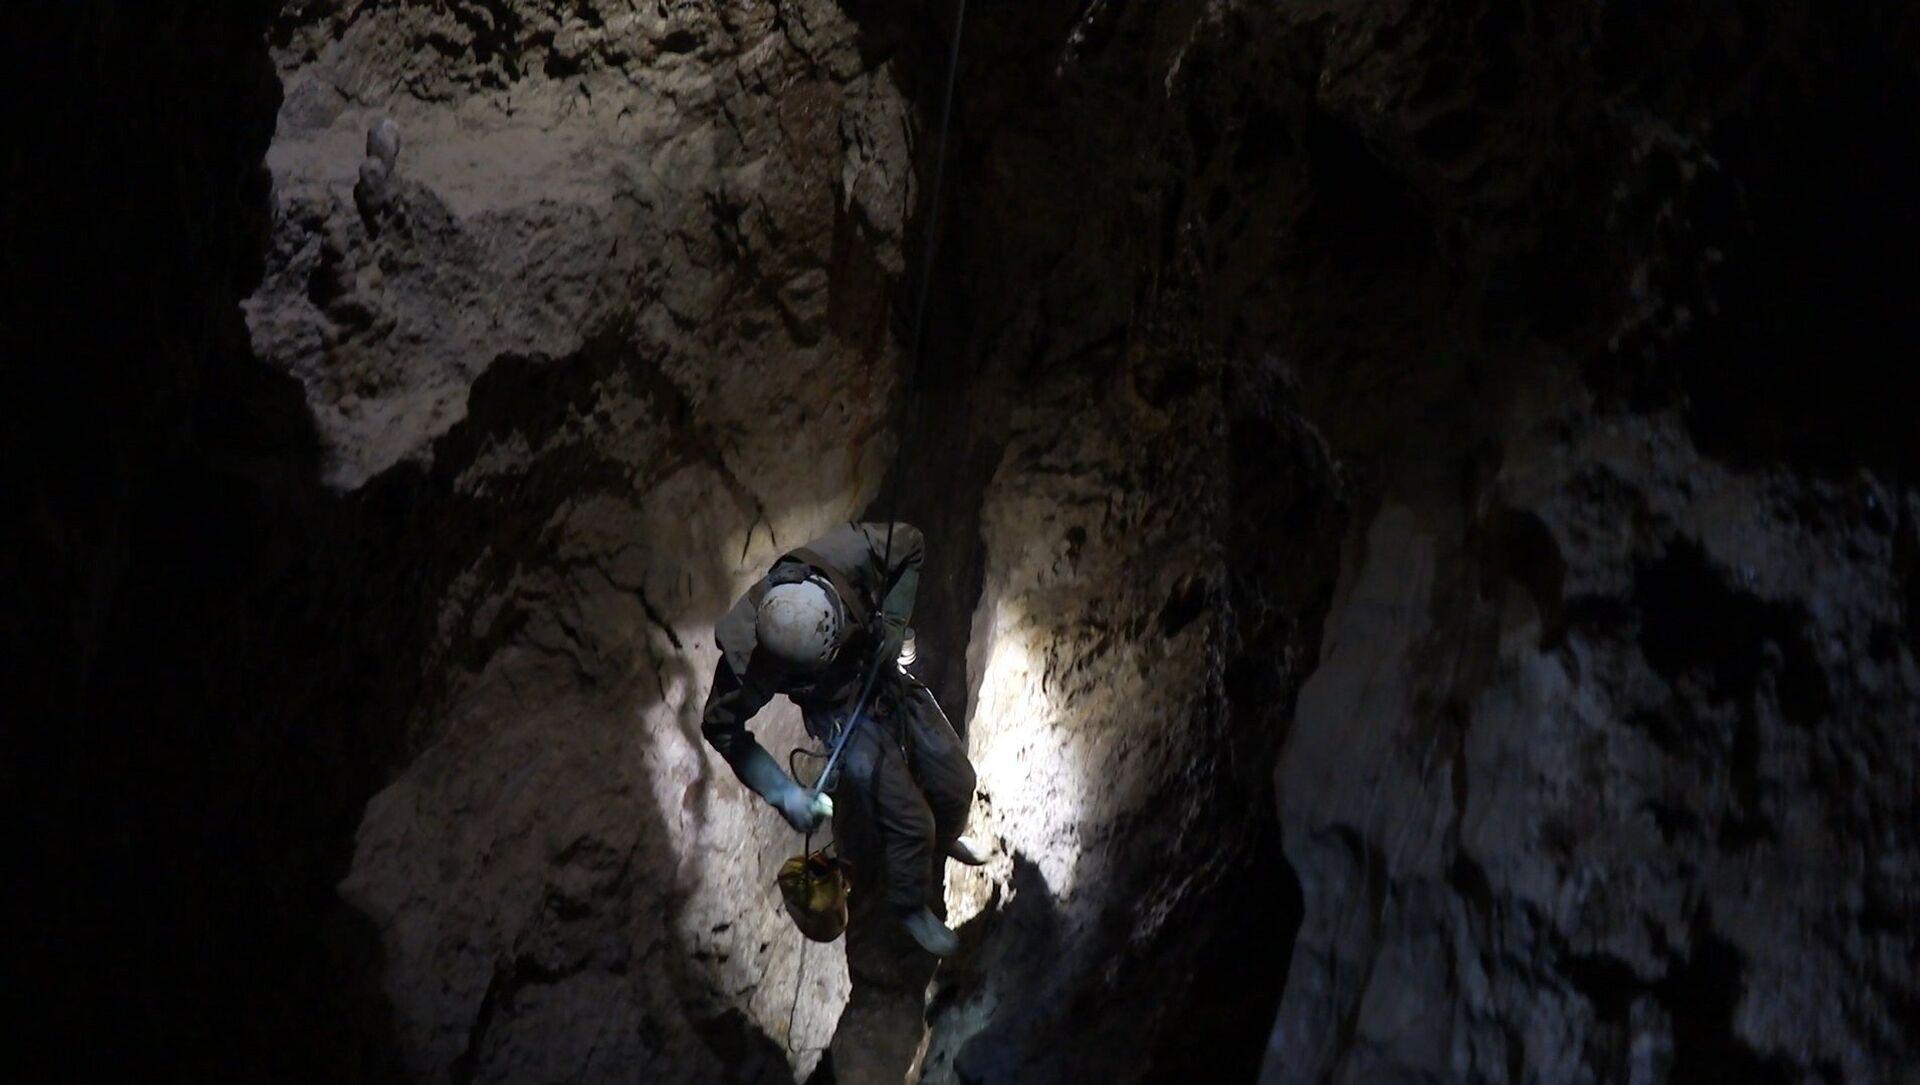 Спуск в пещеру Веревкина - Sputnik Абхазия, 1920, 16.08.2021